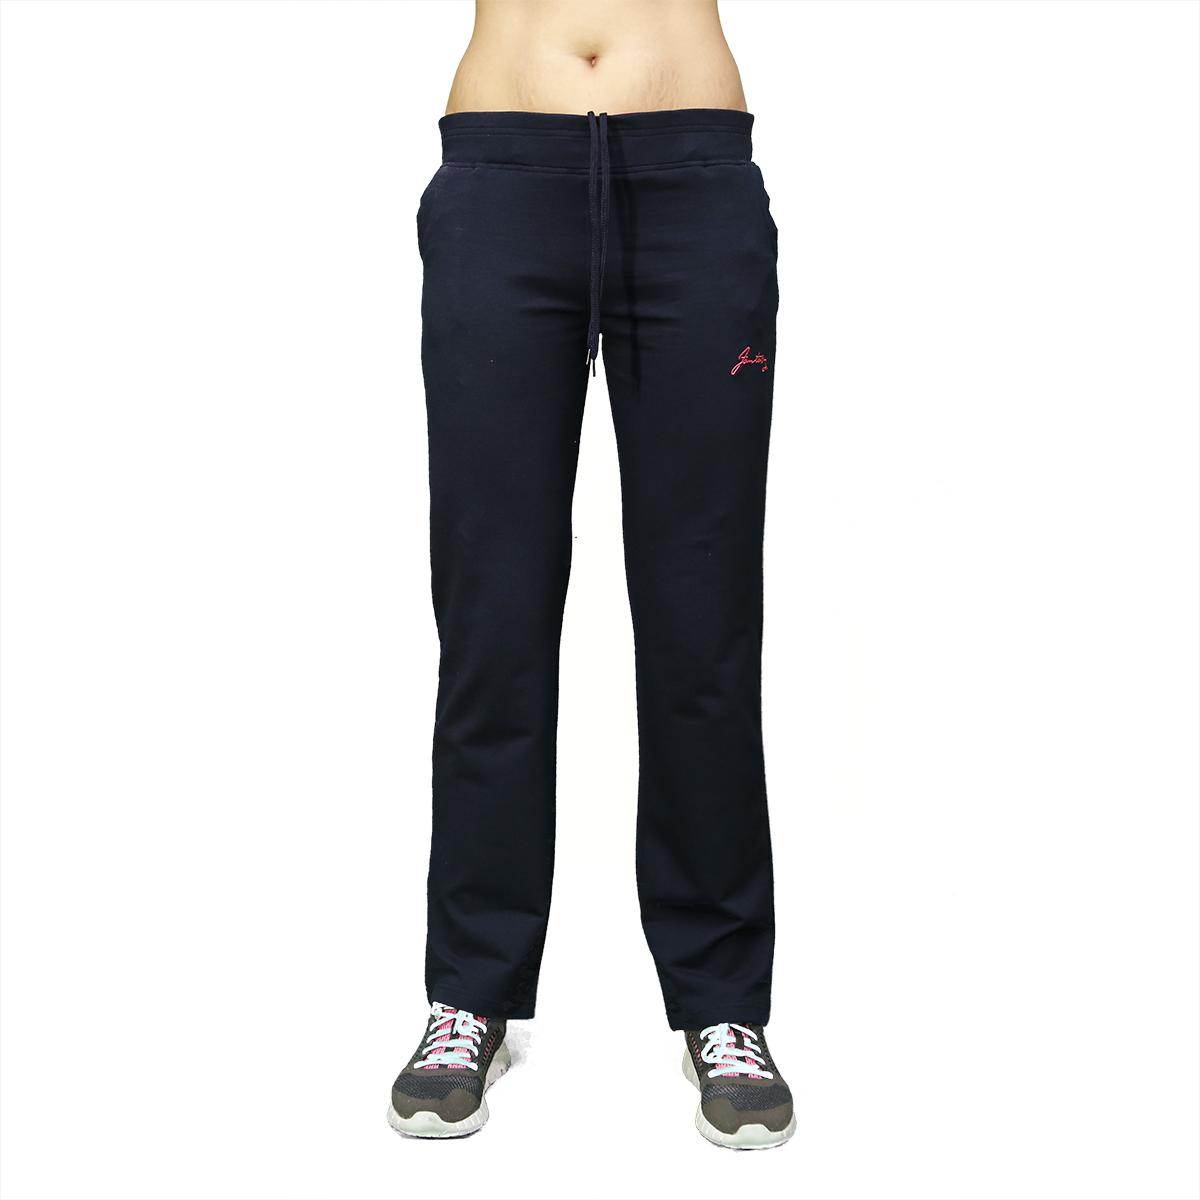 Женские спортивные брюки из трикотажа пр-во Турция 1021